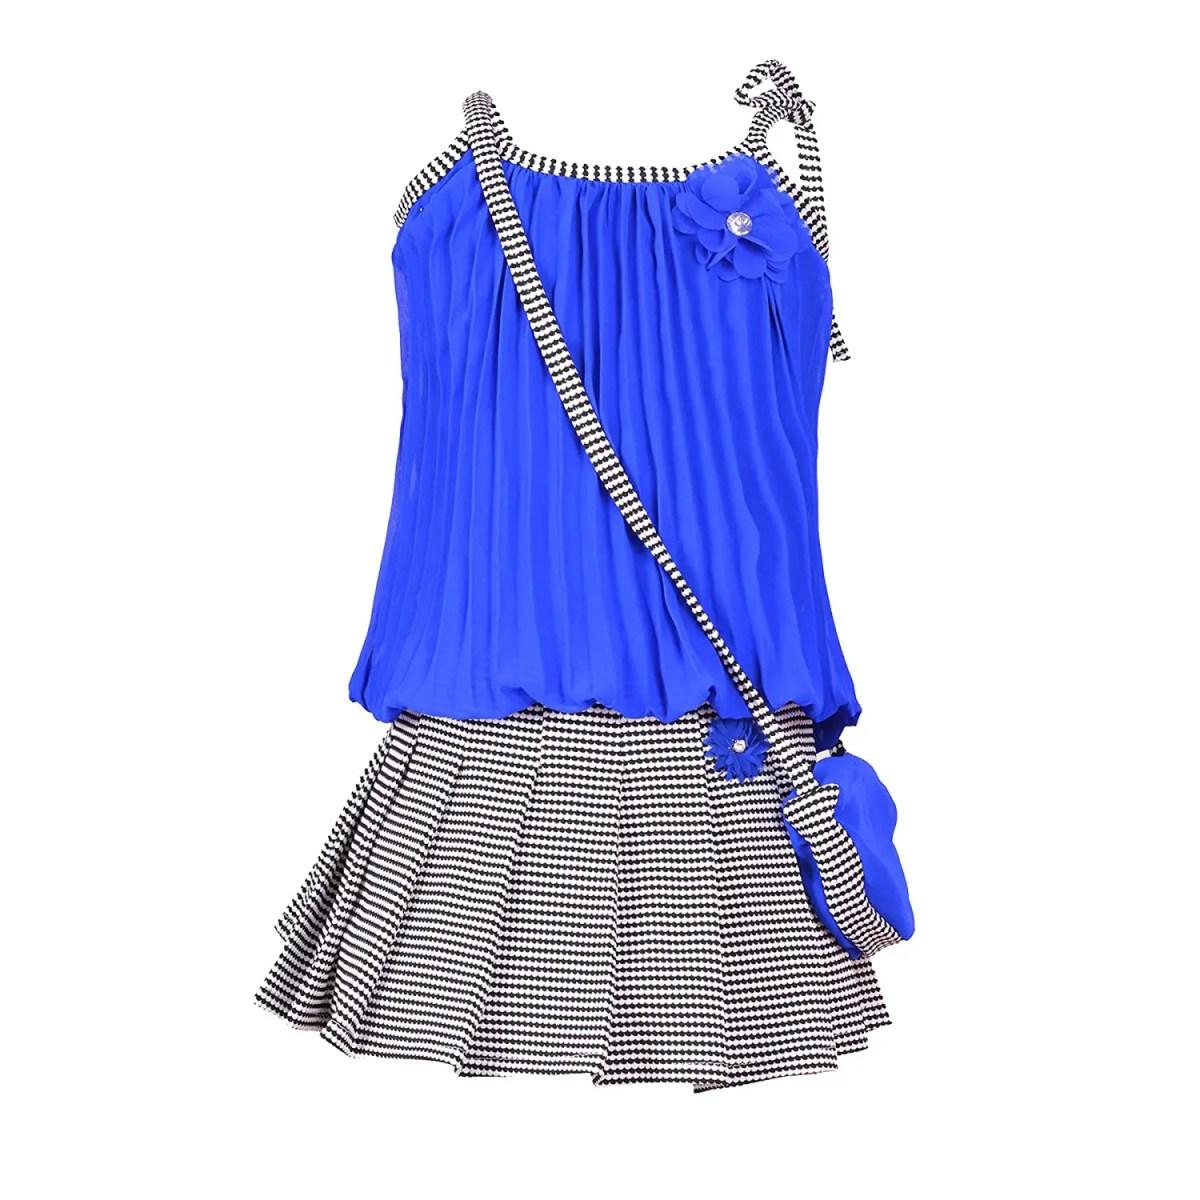 Girl's Self Design Top and Skirt Set